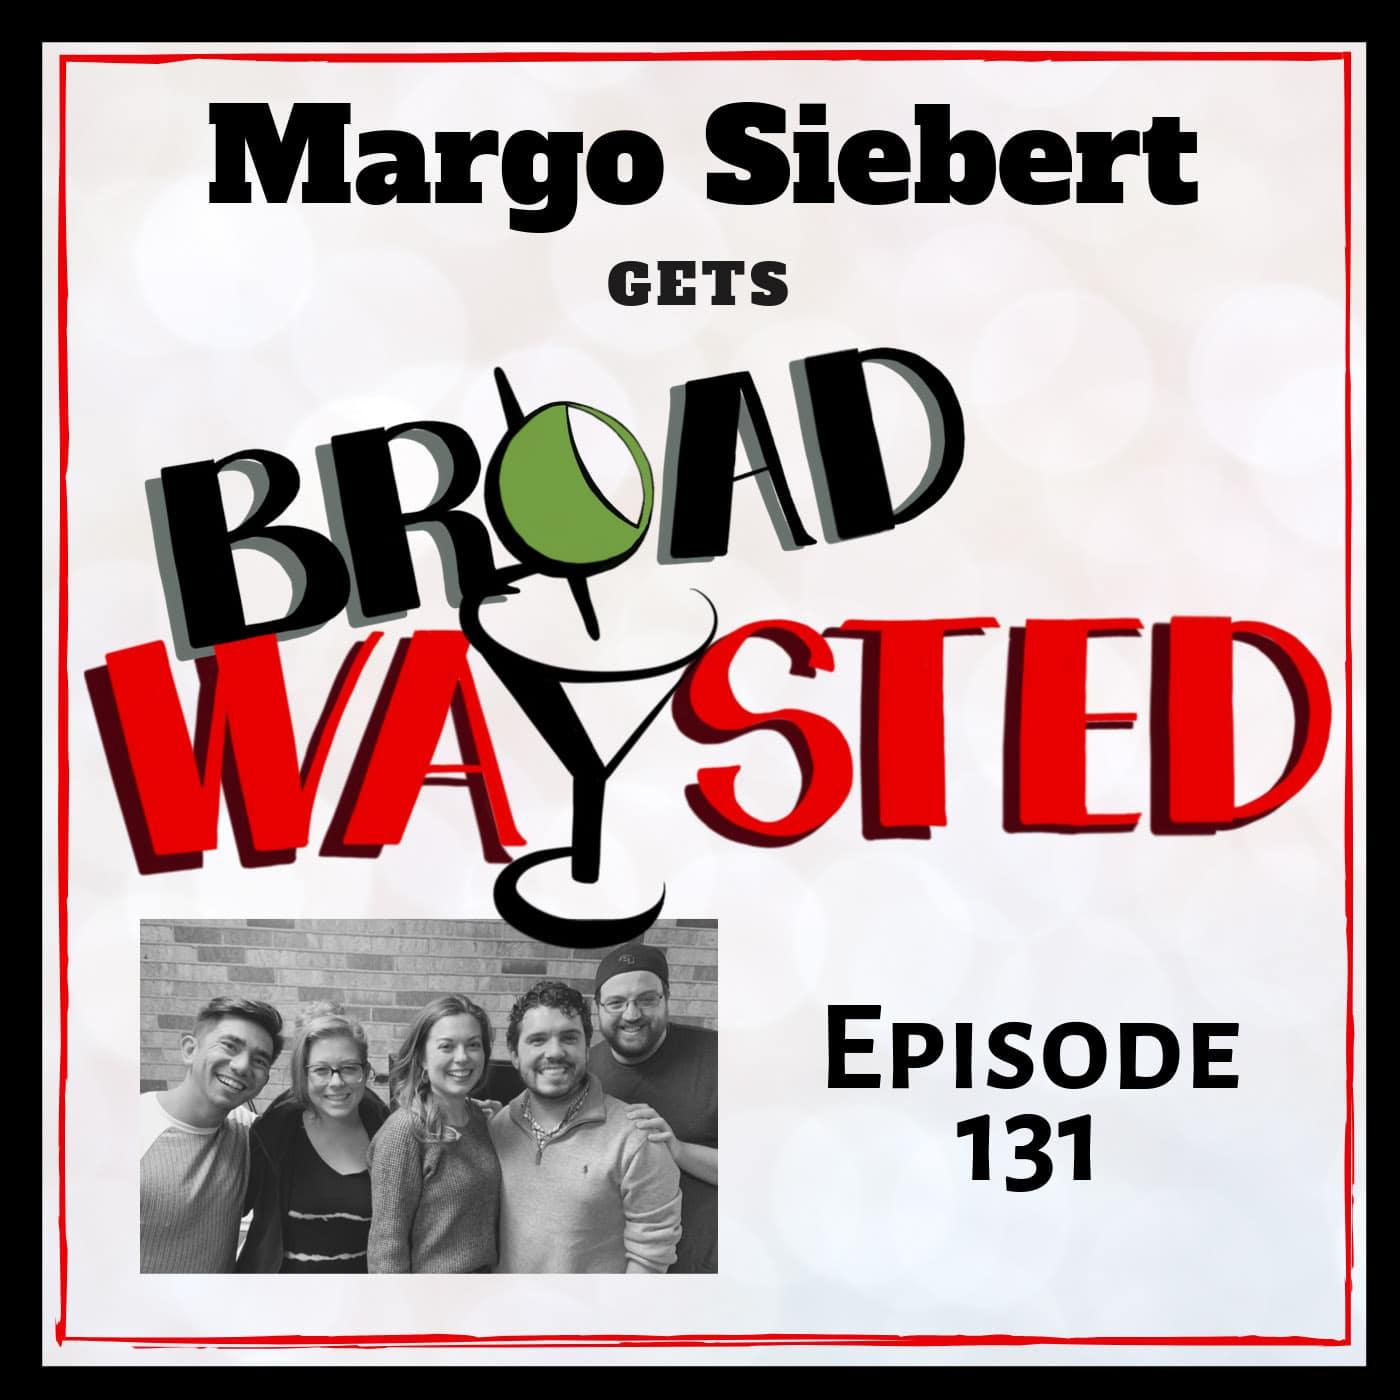 Broadwaysted Ep 131 Margo Siebert